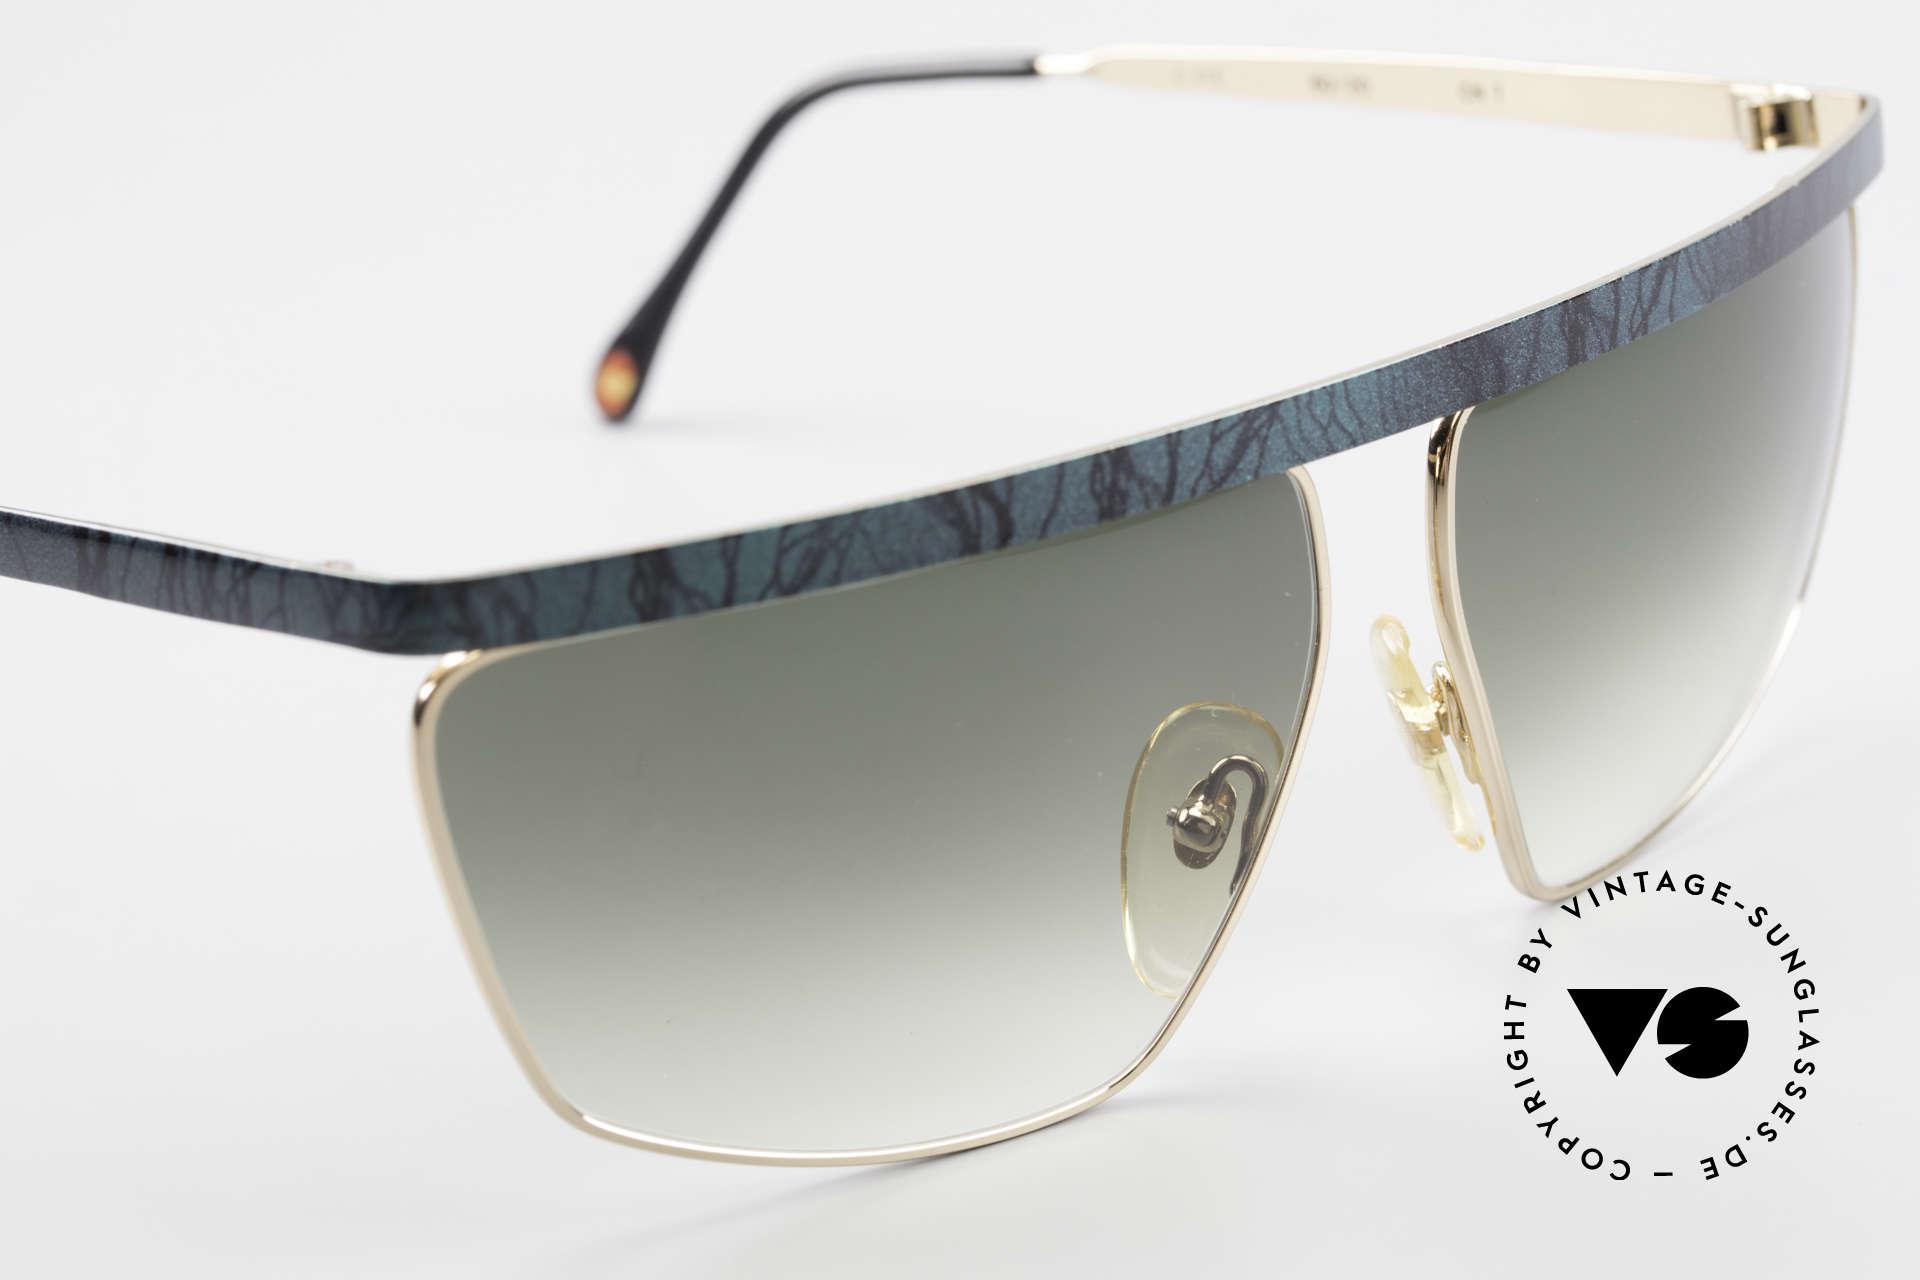 Casanova CN7 Luxury Sunglasses Gold-Plated, NO RETRO sunglasses, but a true vintage ORIGINAL, Made for Men and Women